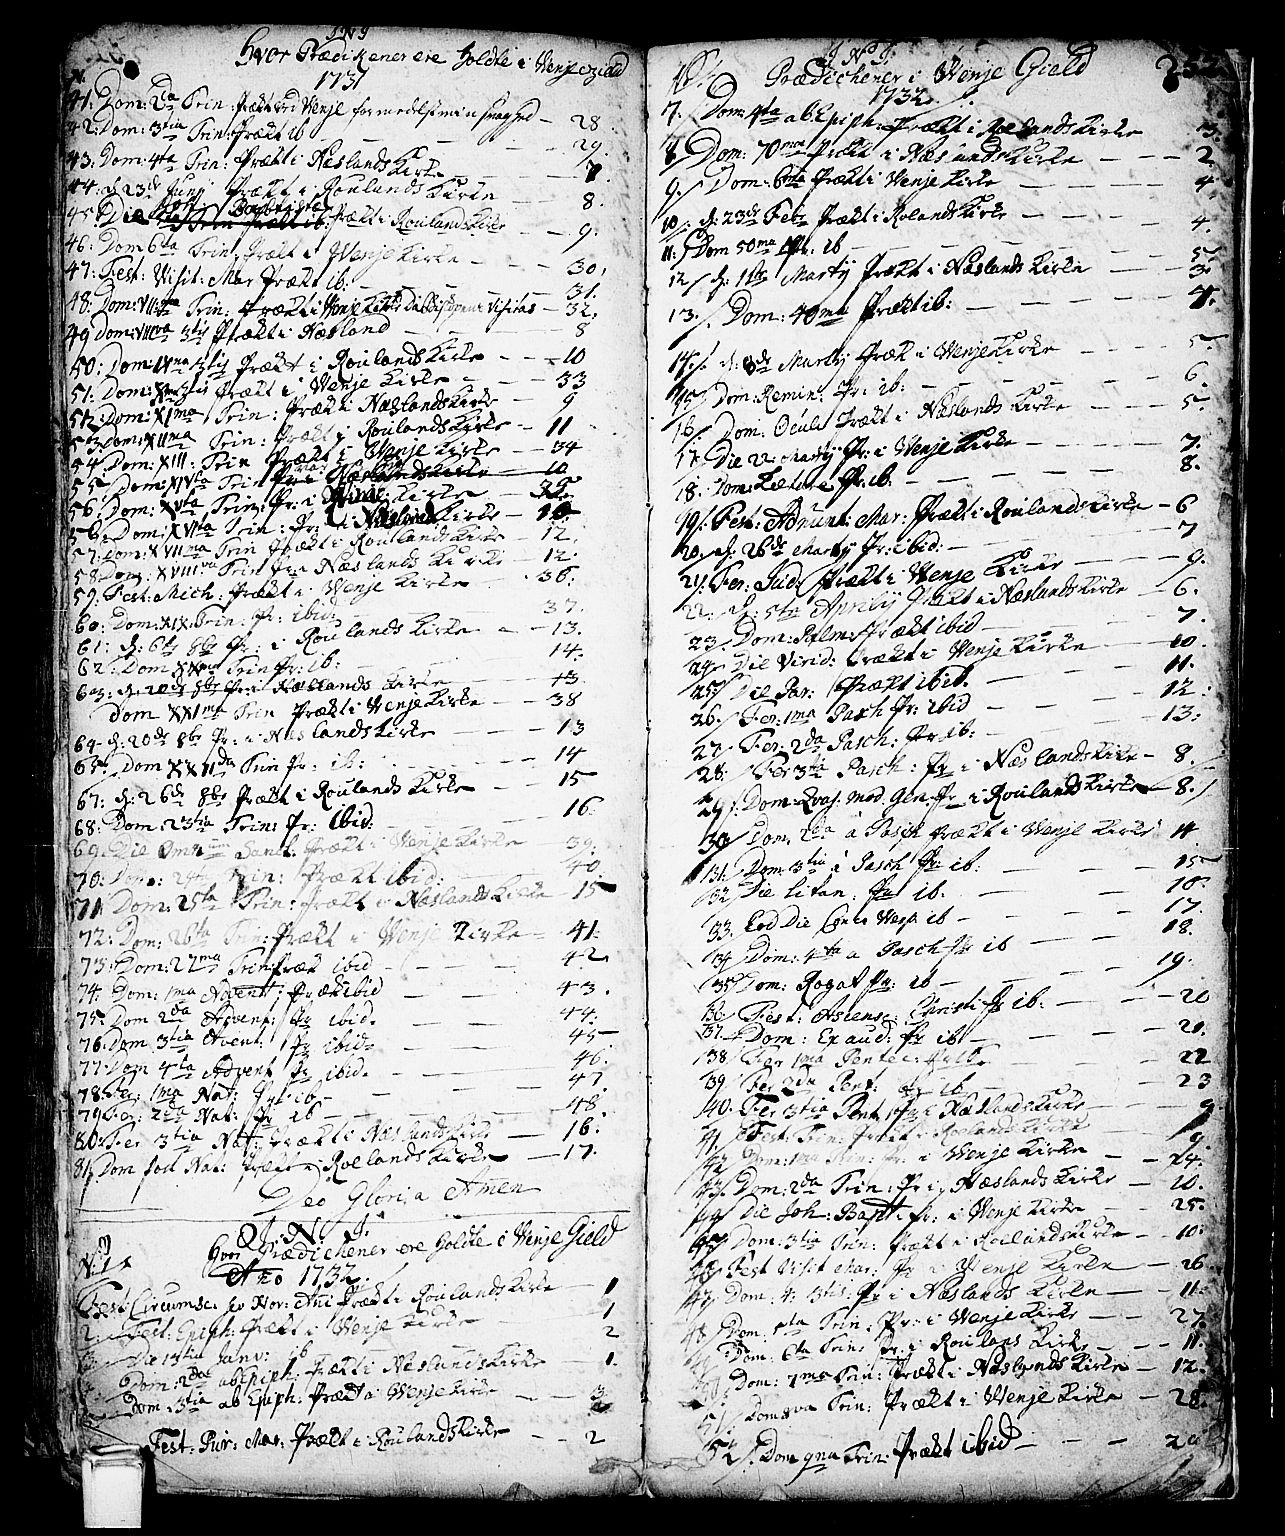 SAKO, Vinje kirkebøker, F/Fa/L0001: Ministerialbok nr. I 1, 1717-1766, s. 252